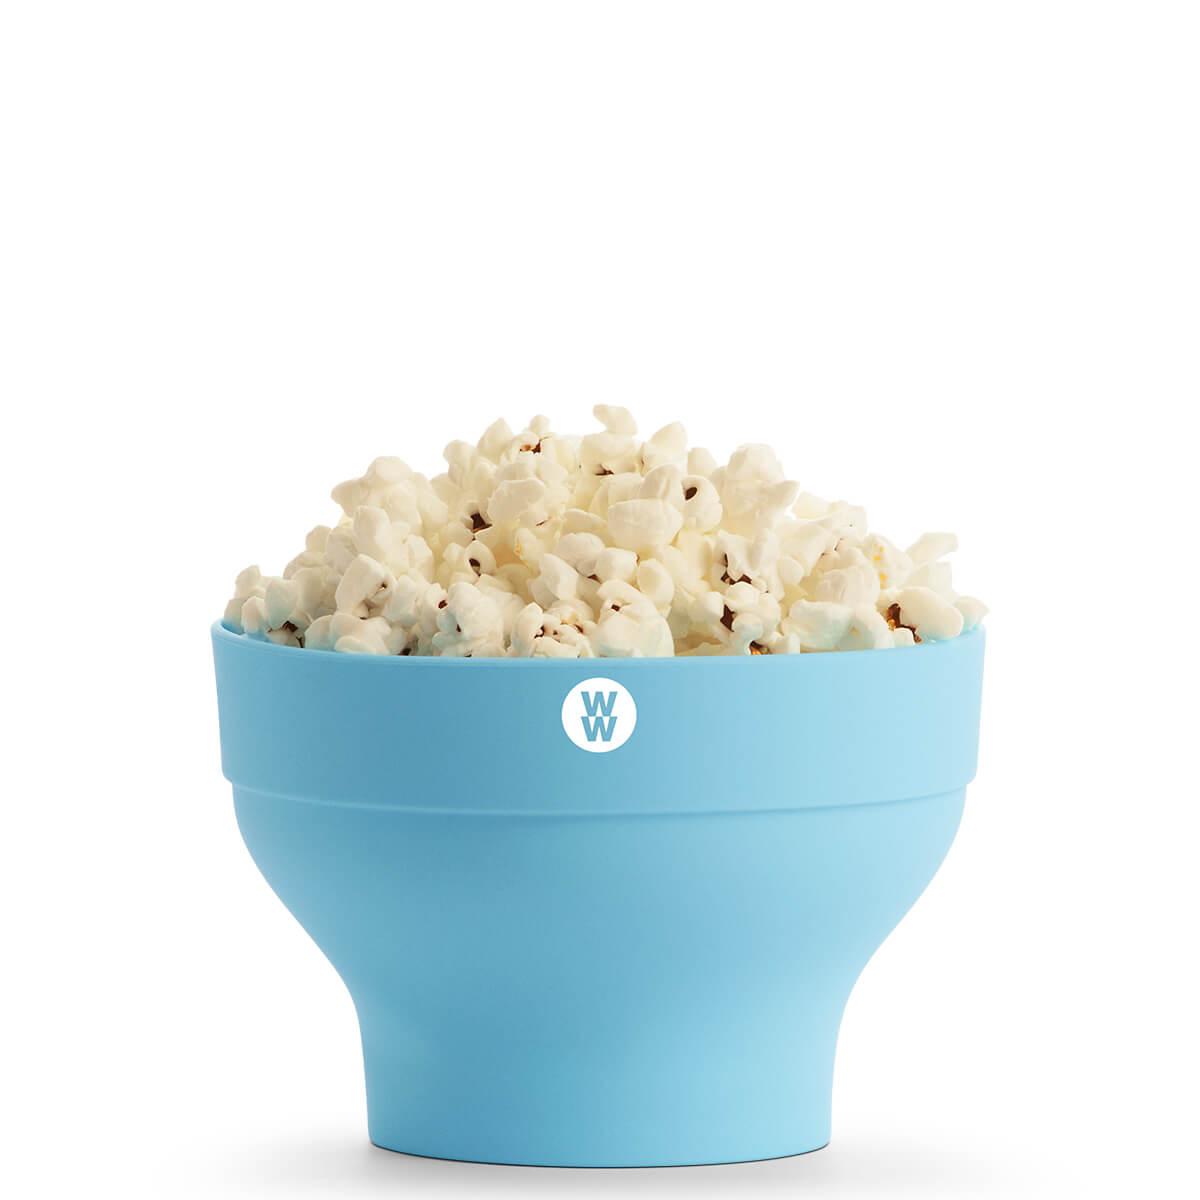 Mini Microwave Popcorn Popper